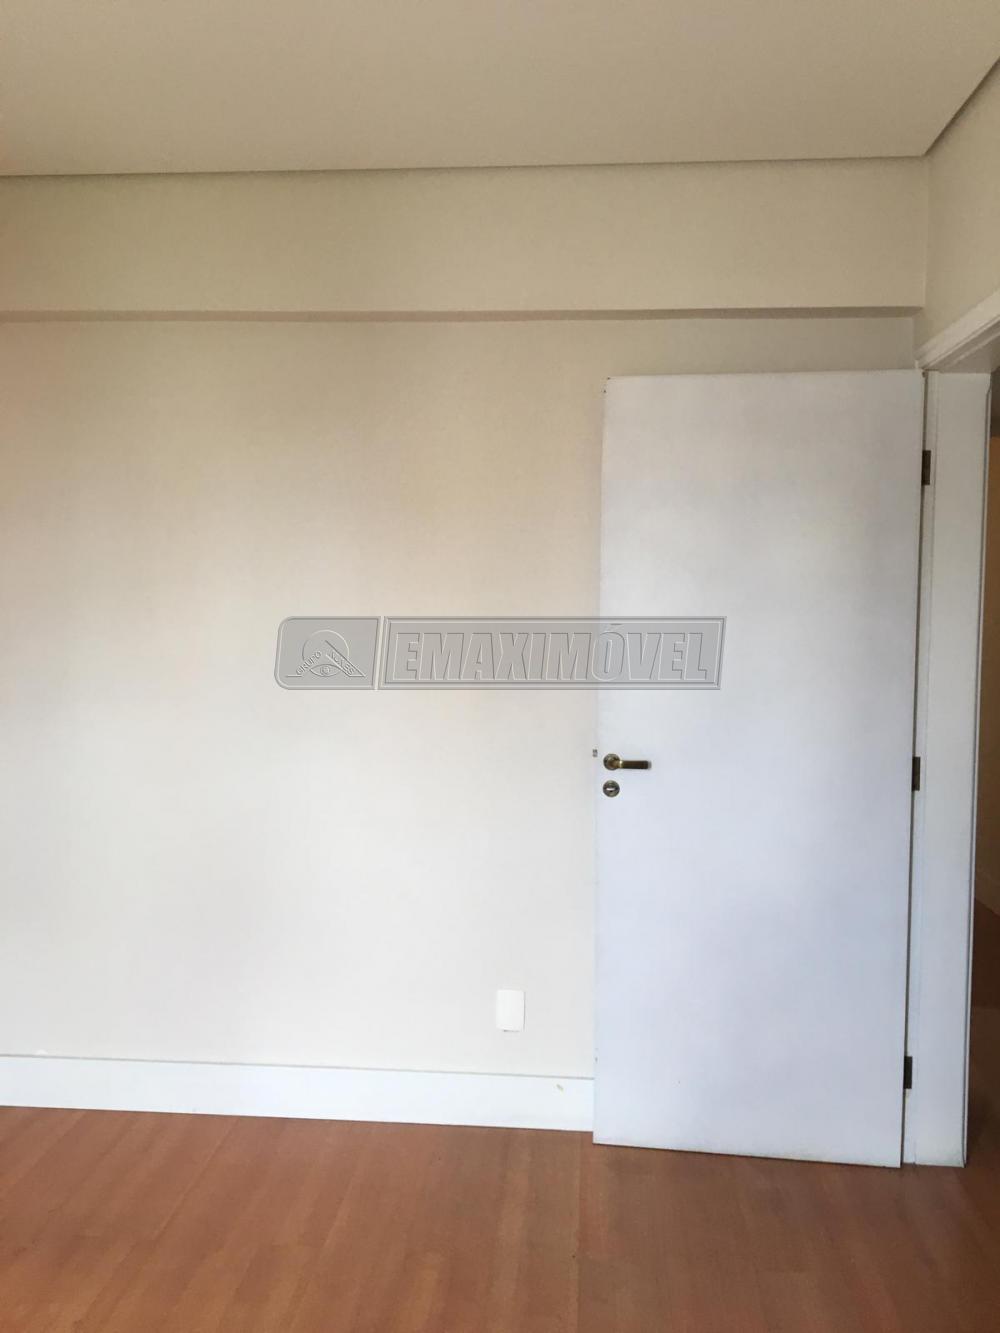 Comprar Apartamentos / Apto Padrão em Sorocaba apenas R$ 300.000,00 - Foto 14